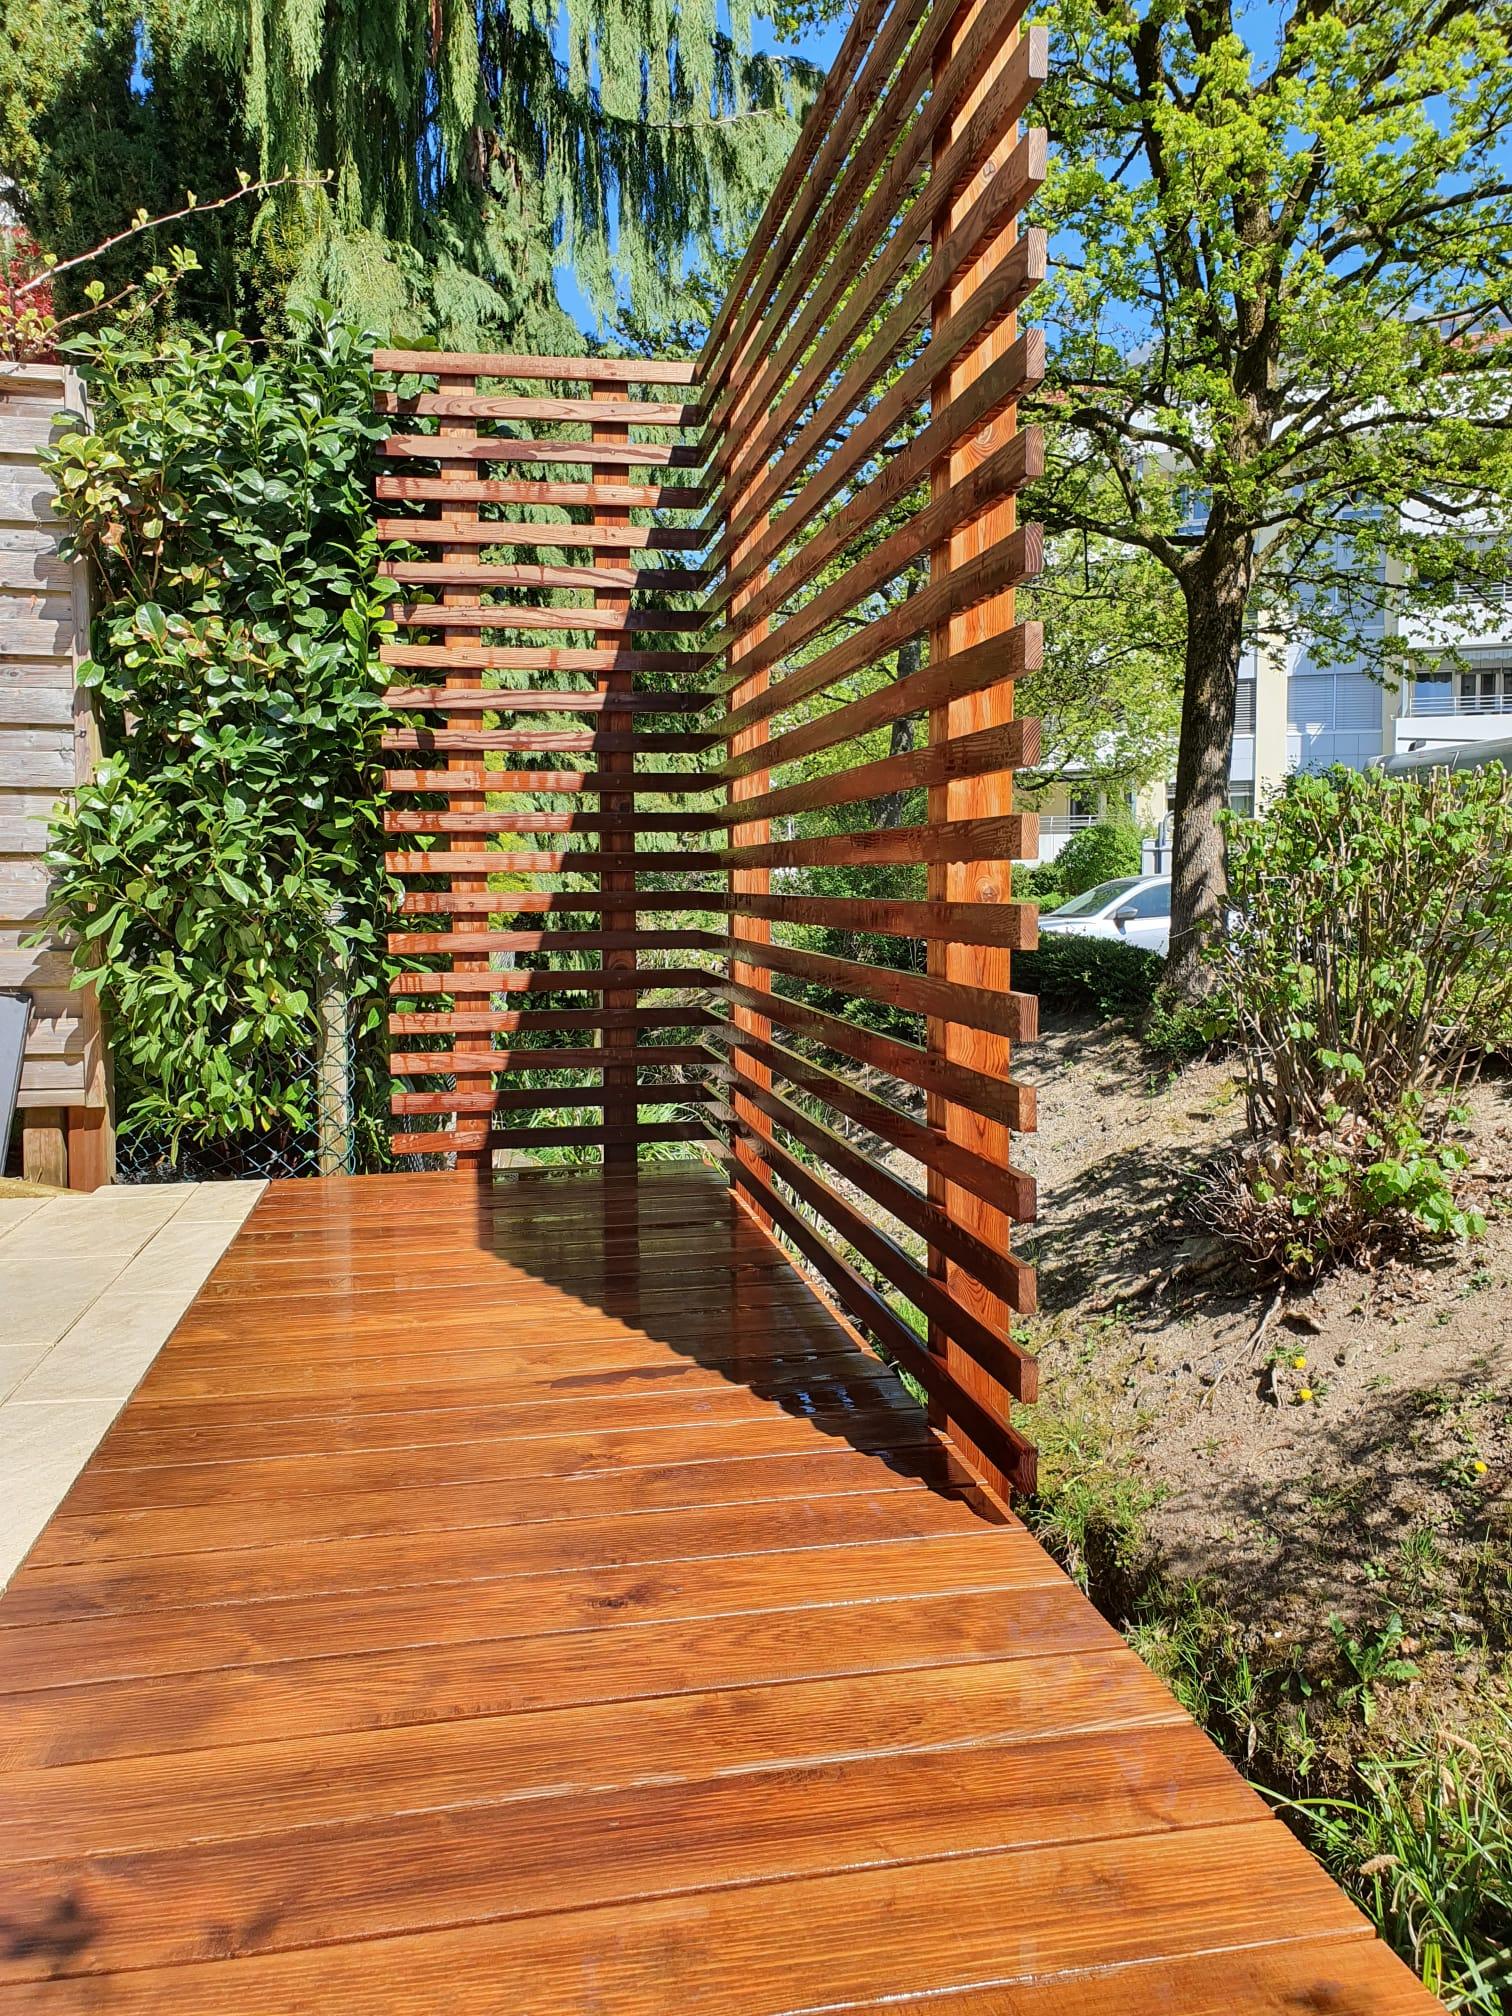 Terrassenboden-Sichtschutz, Brunnen Auw Dallenwil Risch Kerns Rotkreuz Root Inwil Rothenburg Isleten